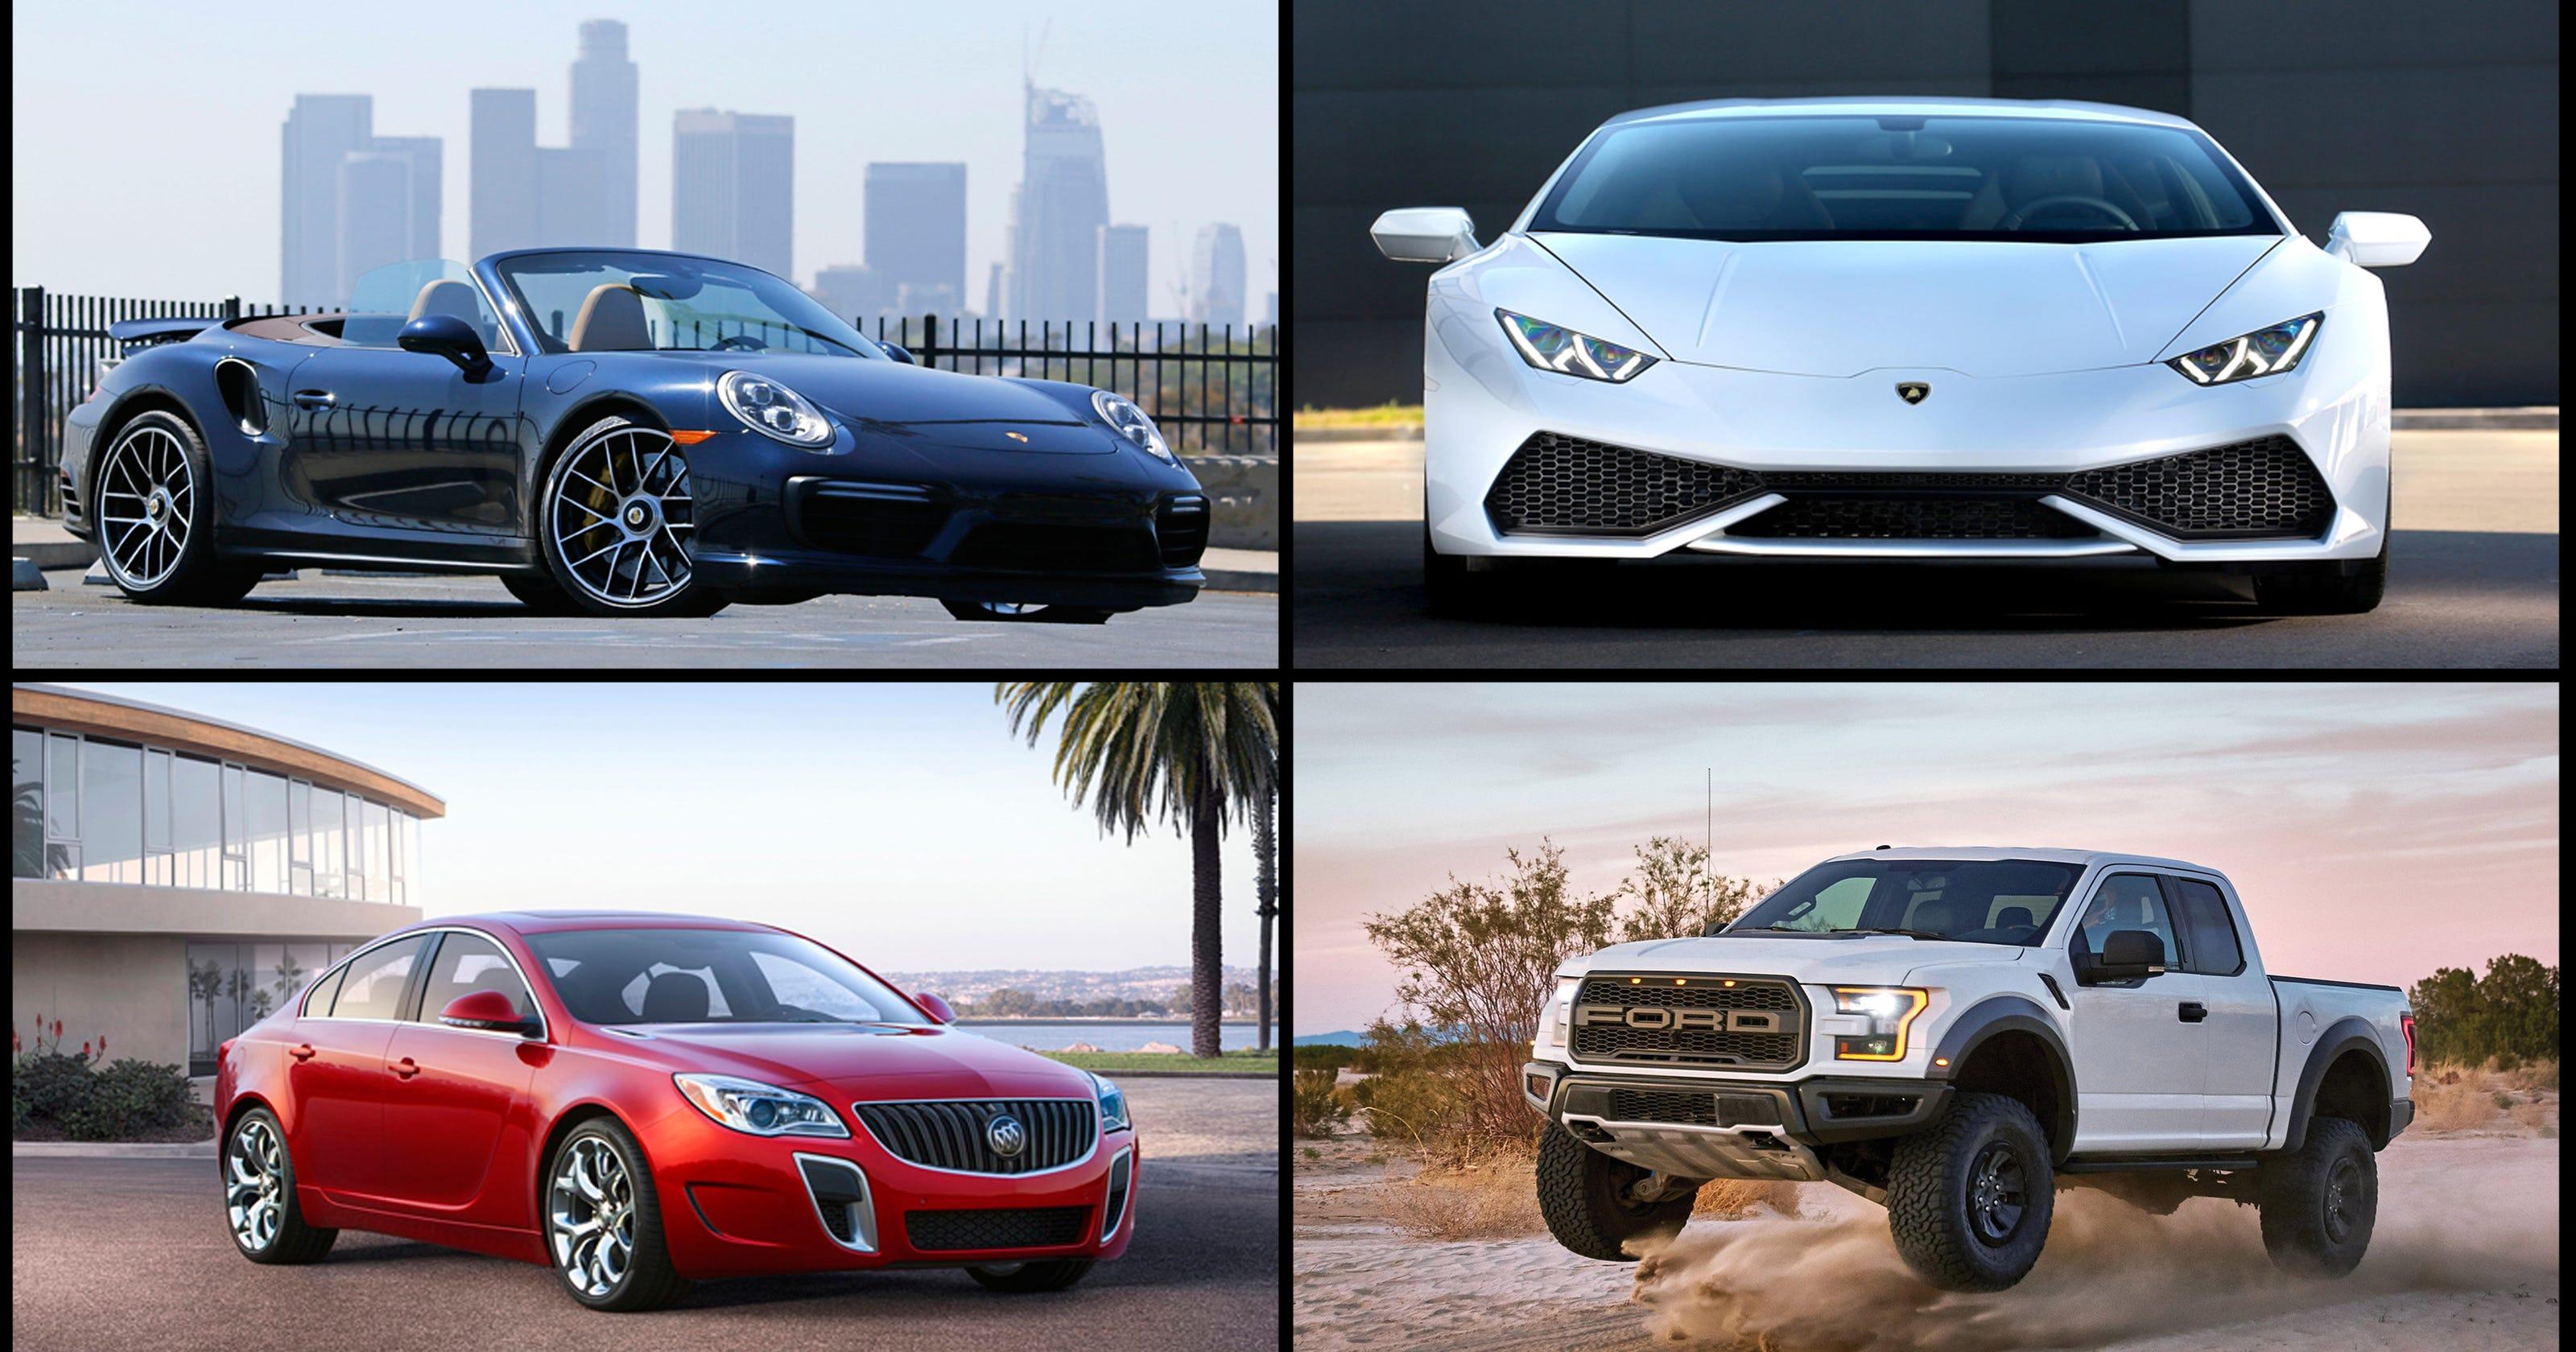 Auto Show Features Plus Models Kyle Busch Race Car - Memphis car show